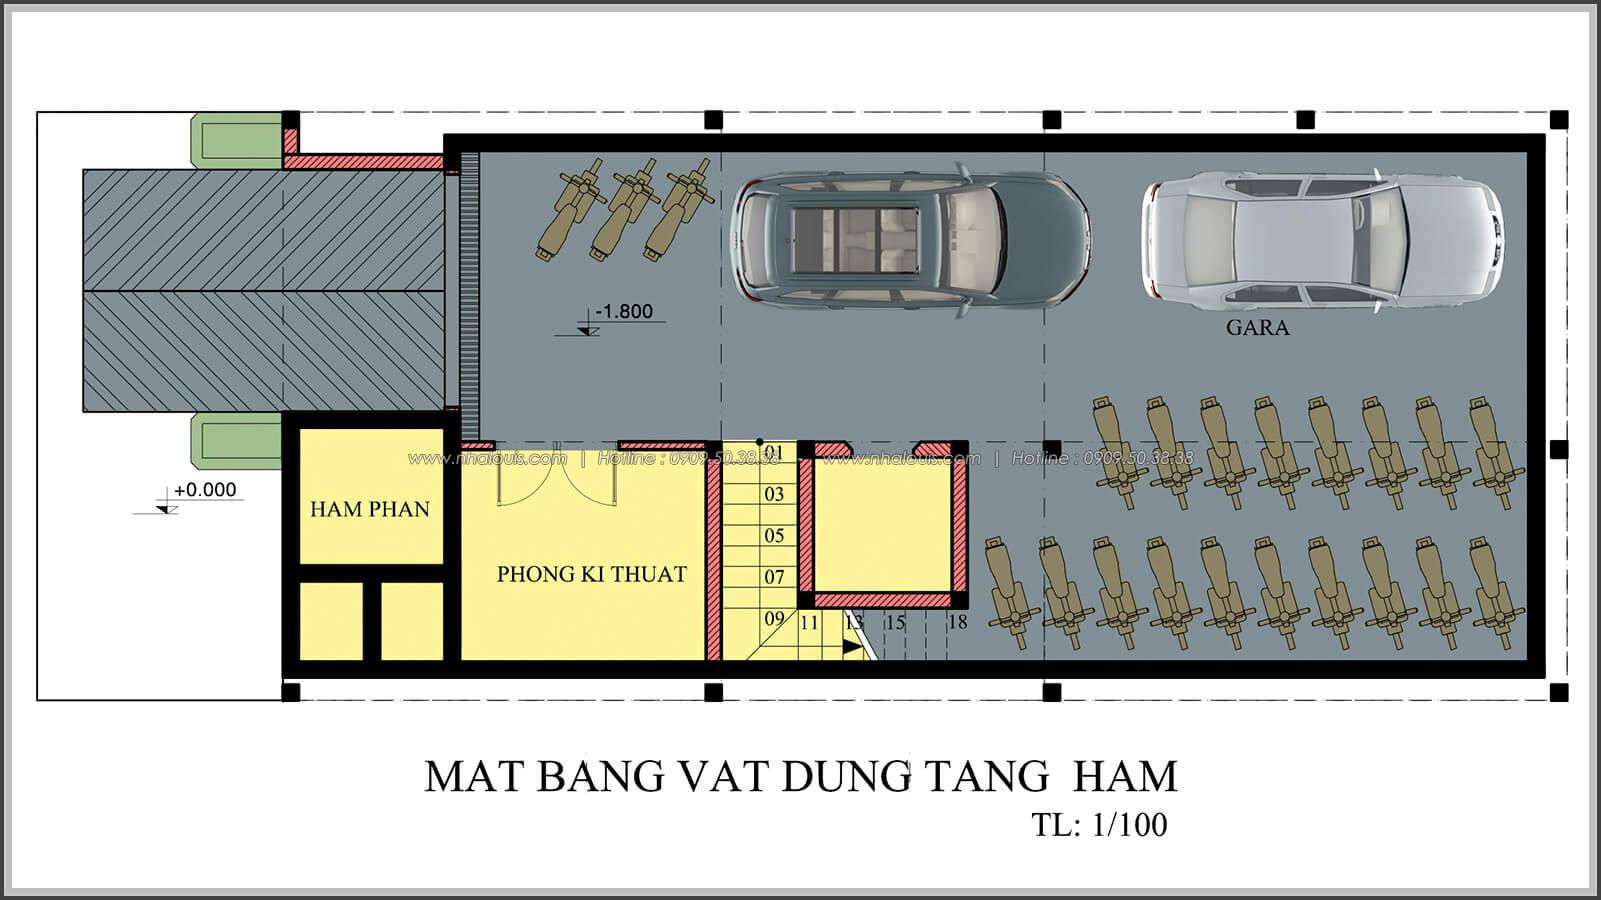 Mặt bằng tầng hầm thiết kế penthouses với nội thất cực chất anh Kim quận Tân Bình - 3